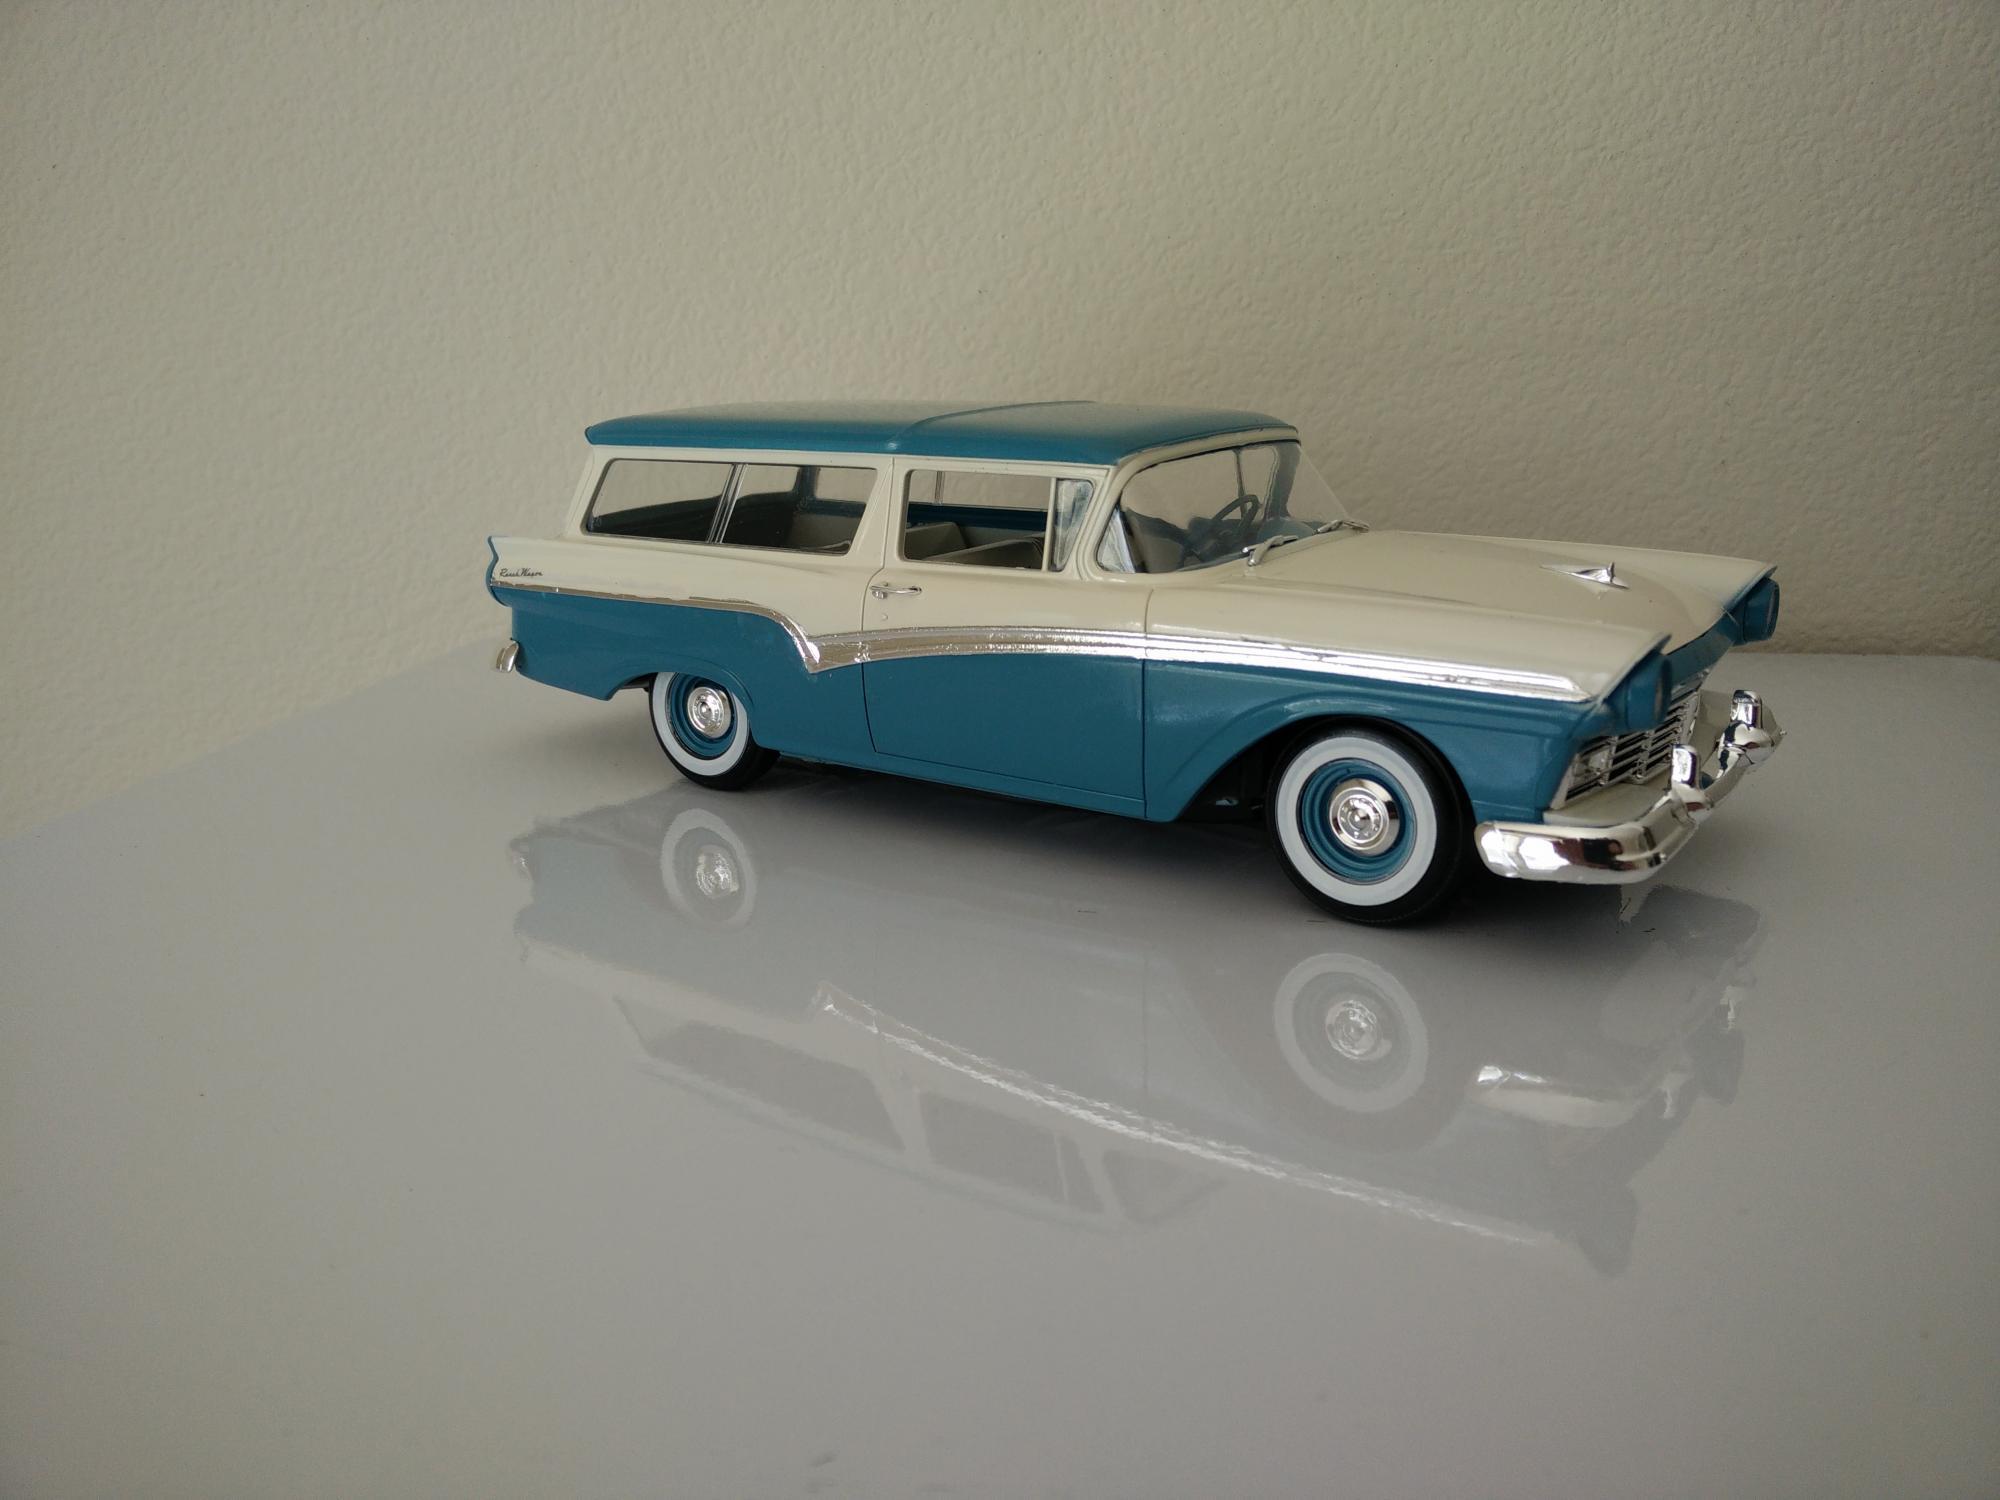 1957 Ford Del Rio Ranch Wagon - 0425